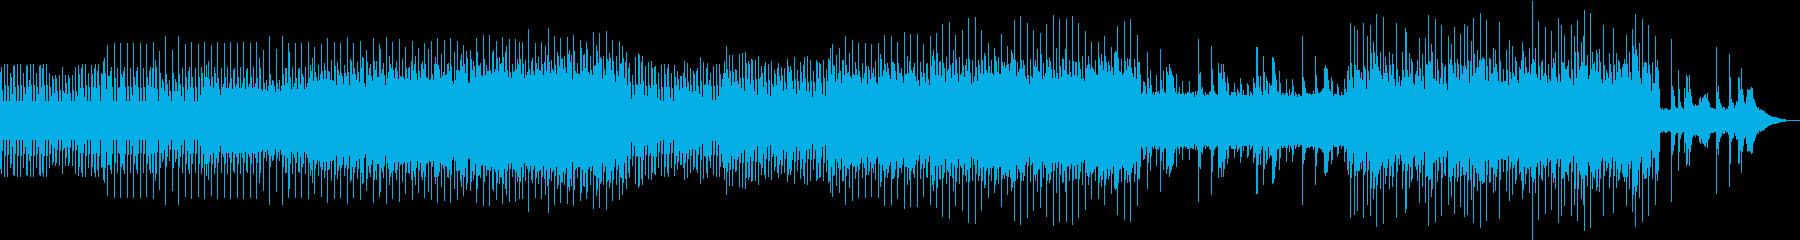 ドライブ向けの明るいミニマルテクノの再生済みの波形